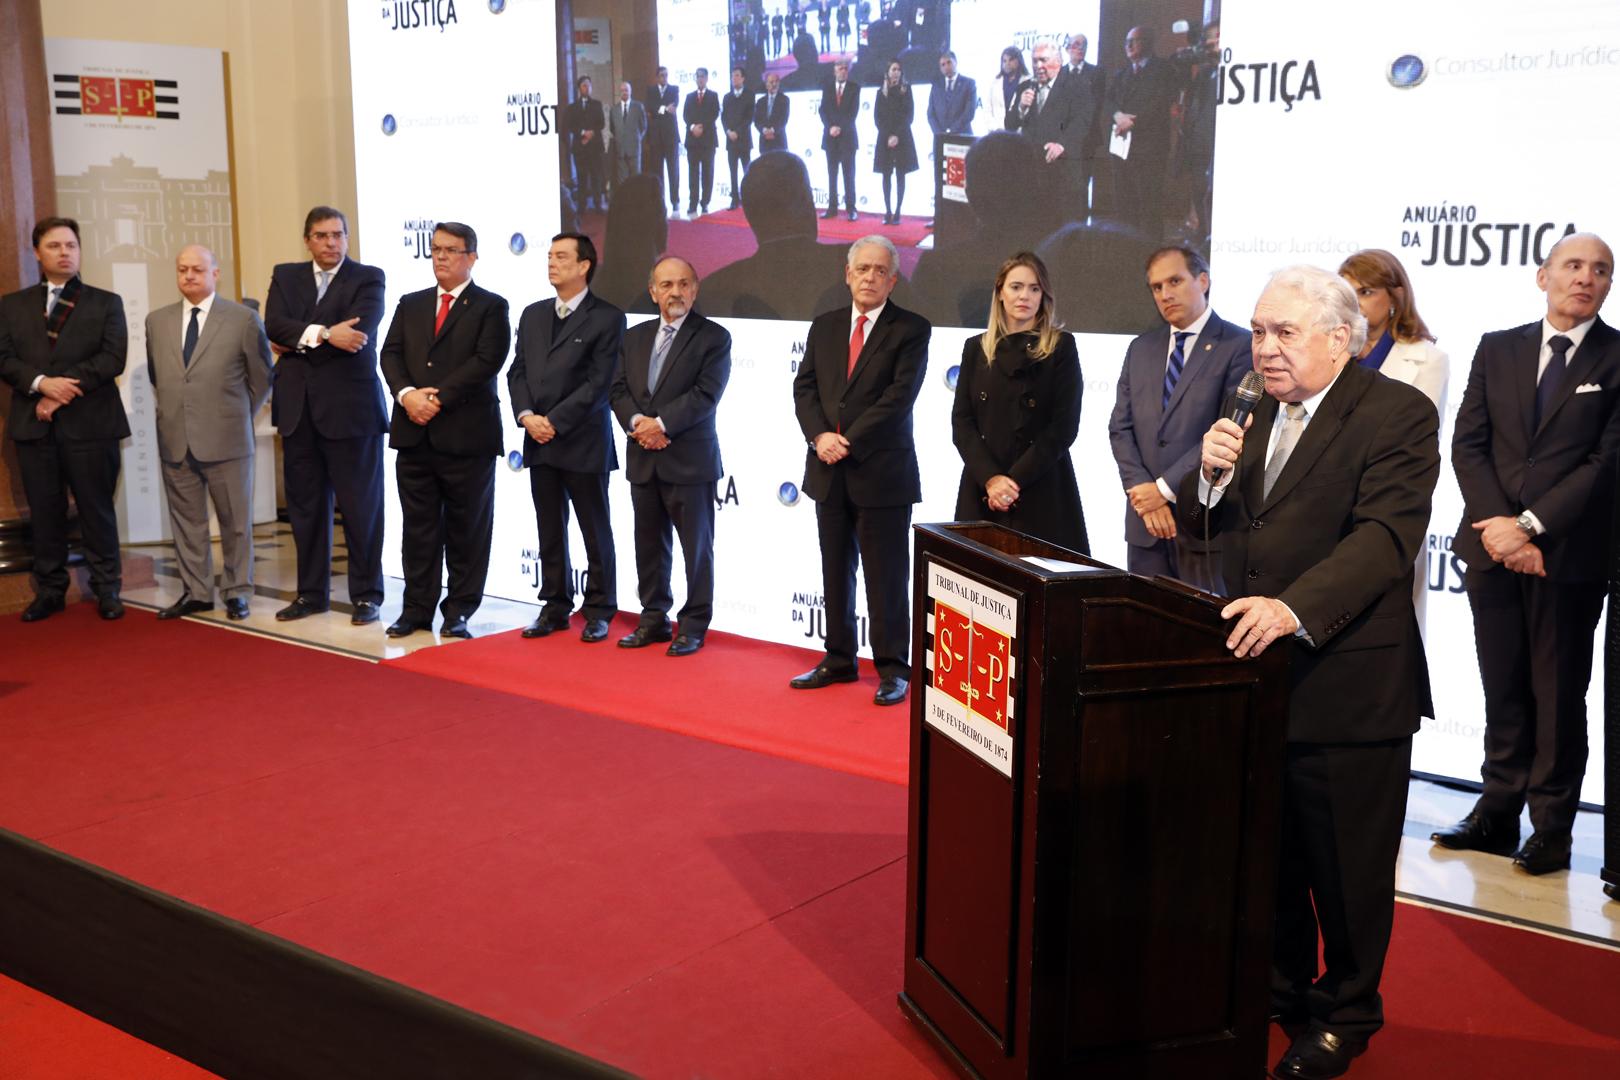 'Anuário da Justiça São Paulo 2018' é lançado no Palácio da Justiça